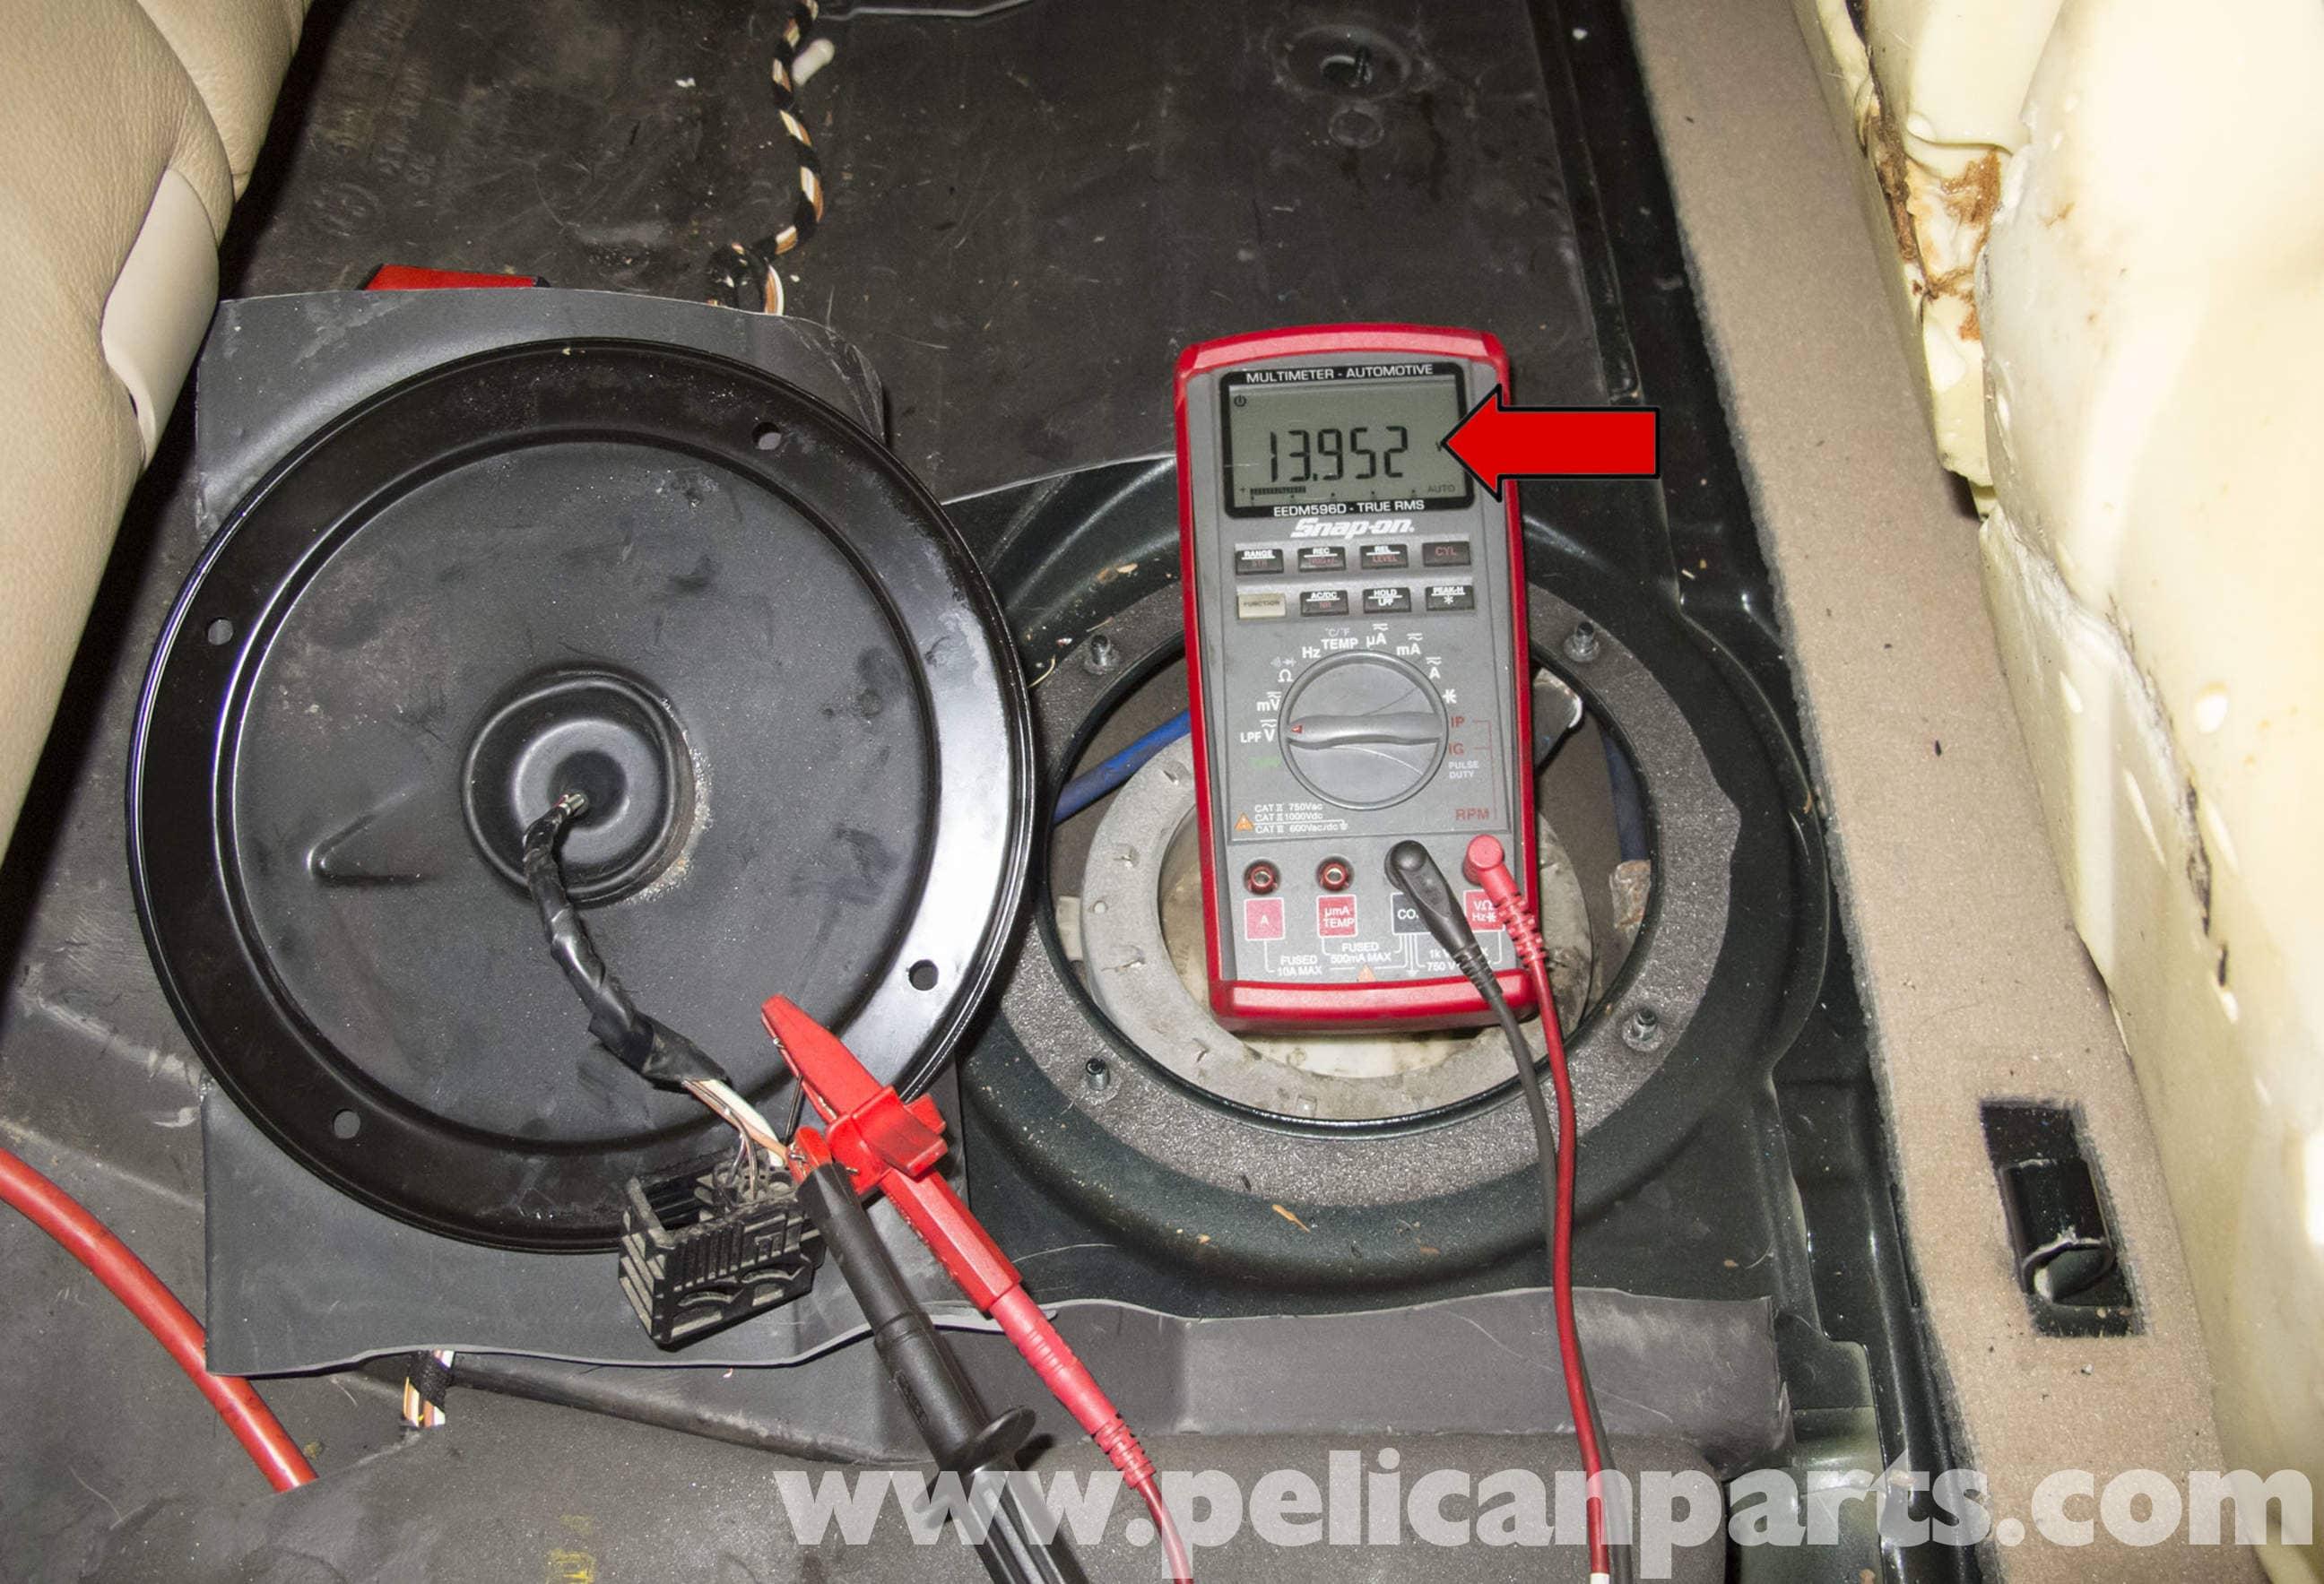 BMW X5 Fuel Pump Testing (E53 2000 - 2006) | Pelican Parts